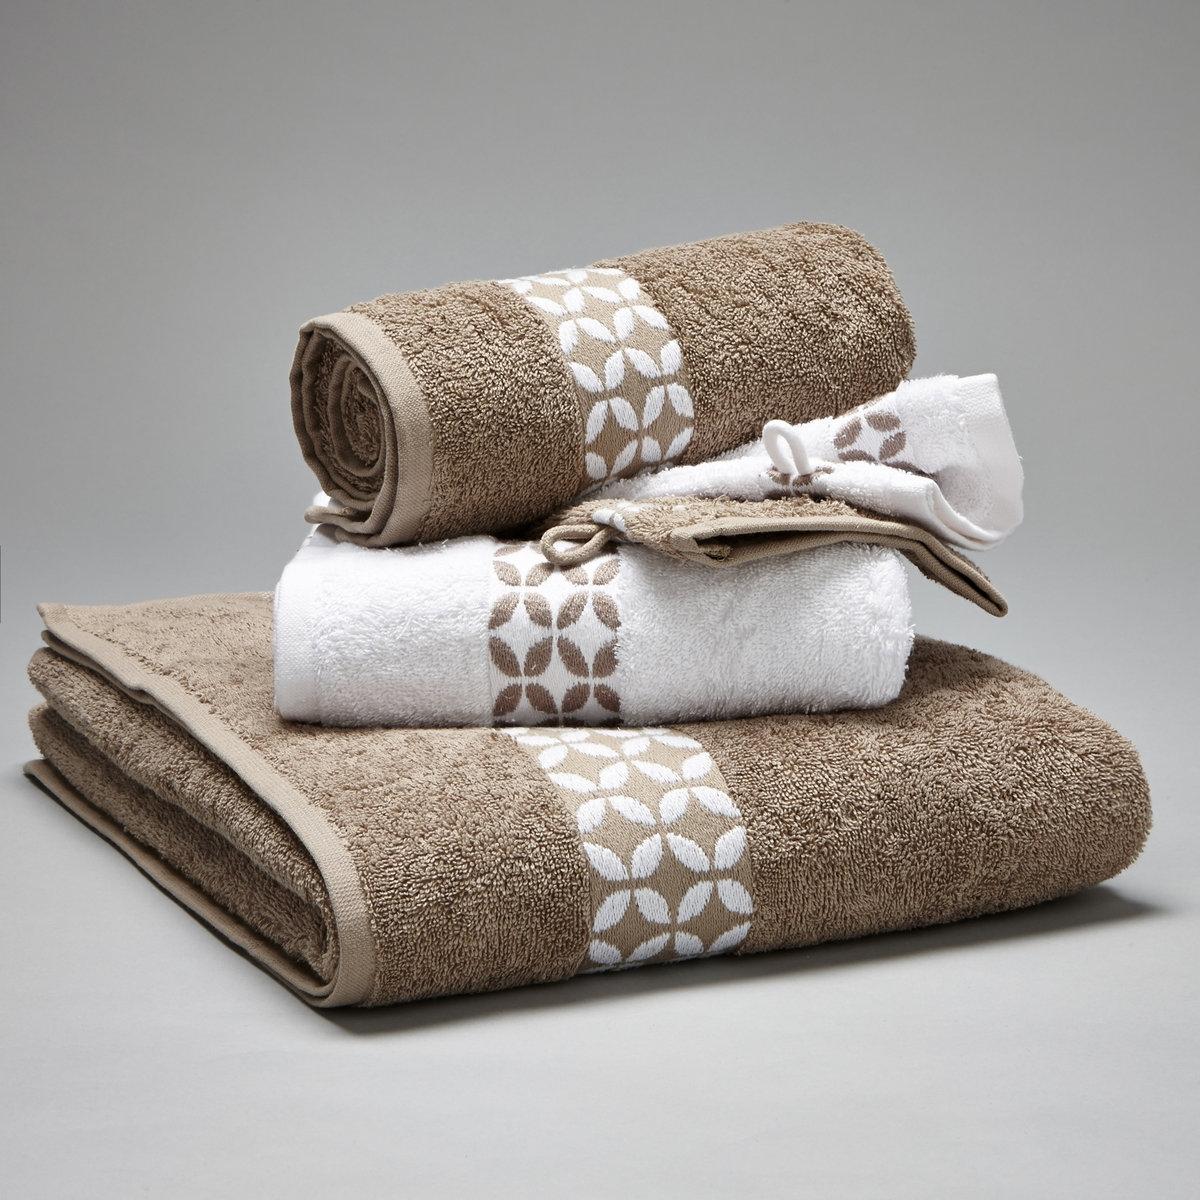 Комплект для ванной, 420 г/м?Комплект с узорчатой каймой для ванной:- 1 однотонное банное полотенце 70 x 130 см - 2 стандартных полотенца 50 x 90 см - 2 однотонные банные рукавички 15 x 21 см.Махровая ткань из 100% хлопка, 420 г/м?. Материал долго сохраняет мягкость и прочность. Превосходная стойкость цвета при стирке 60°. Машинная сушка.<br><br>Цвет: серый/ белый<br>Размер: единый размер